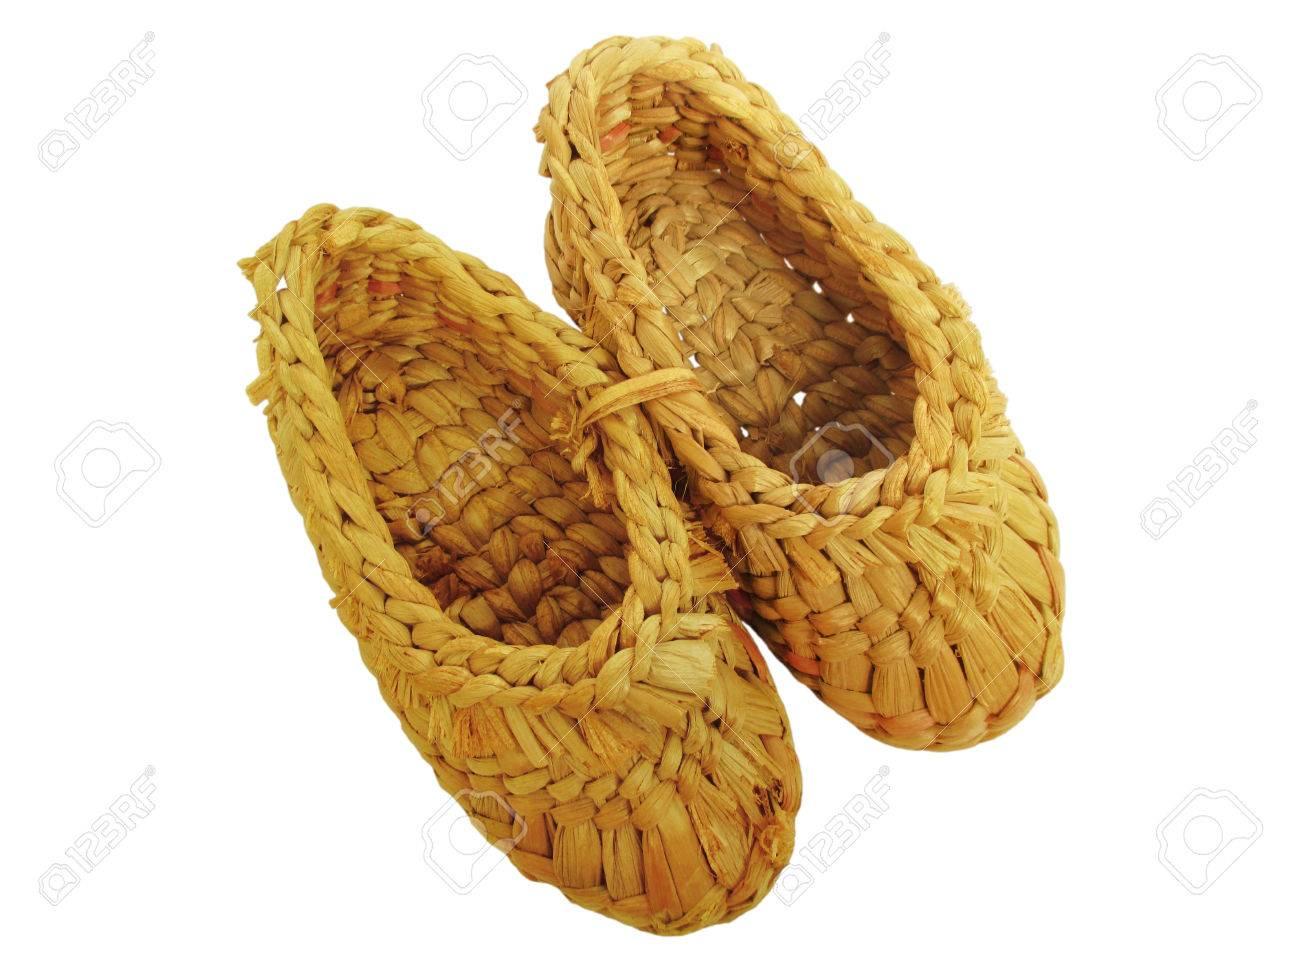 Les Sandales De Jaune à La Main En Osier De Paille Chaussures